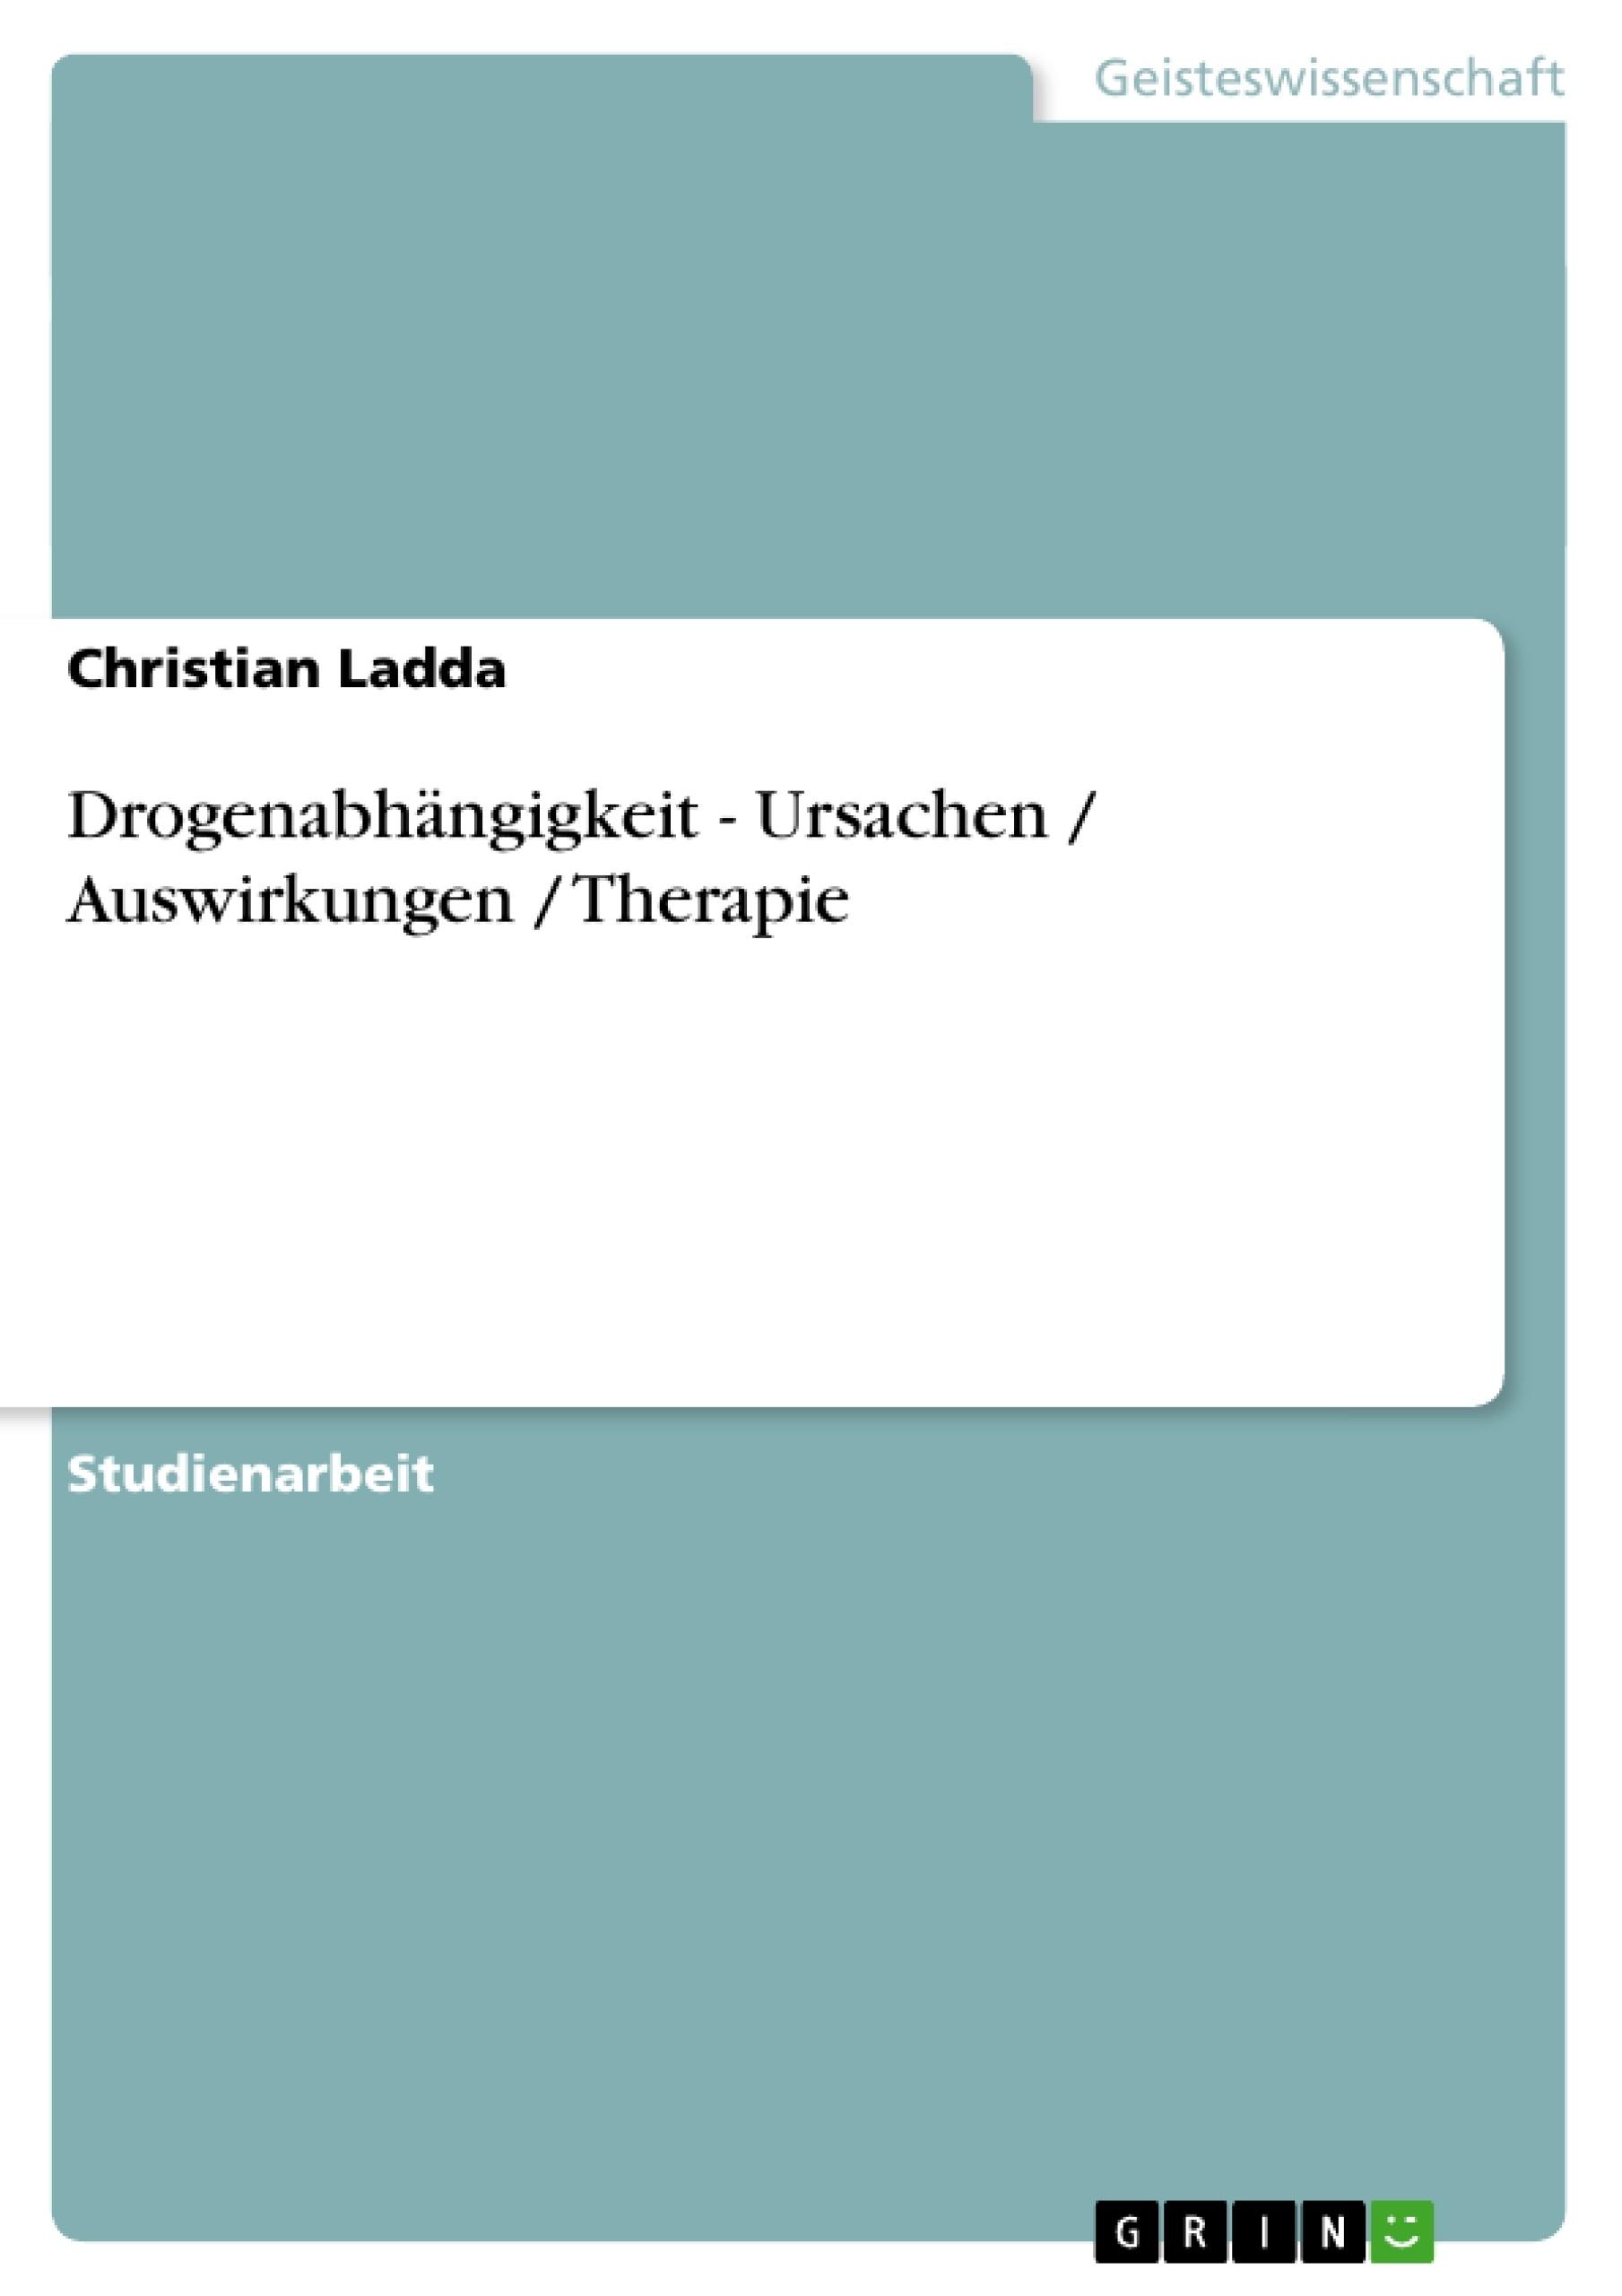 Titel: Drogenabhängigkeit  - Ursachen / Auswirkungen / Therapie